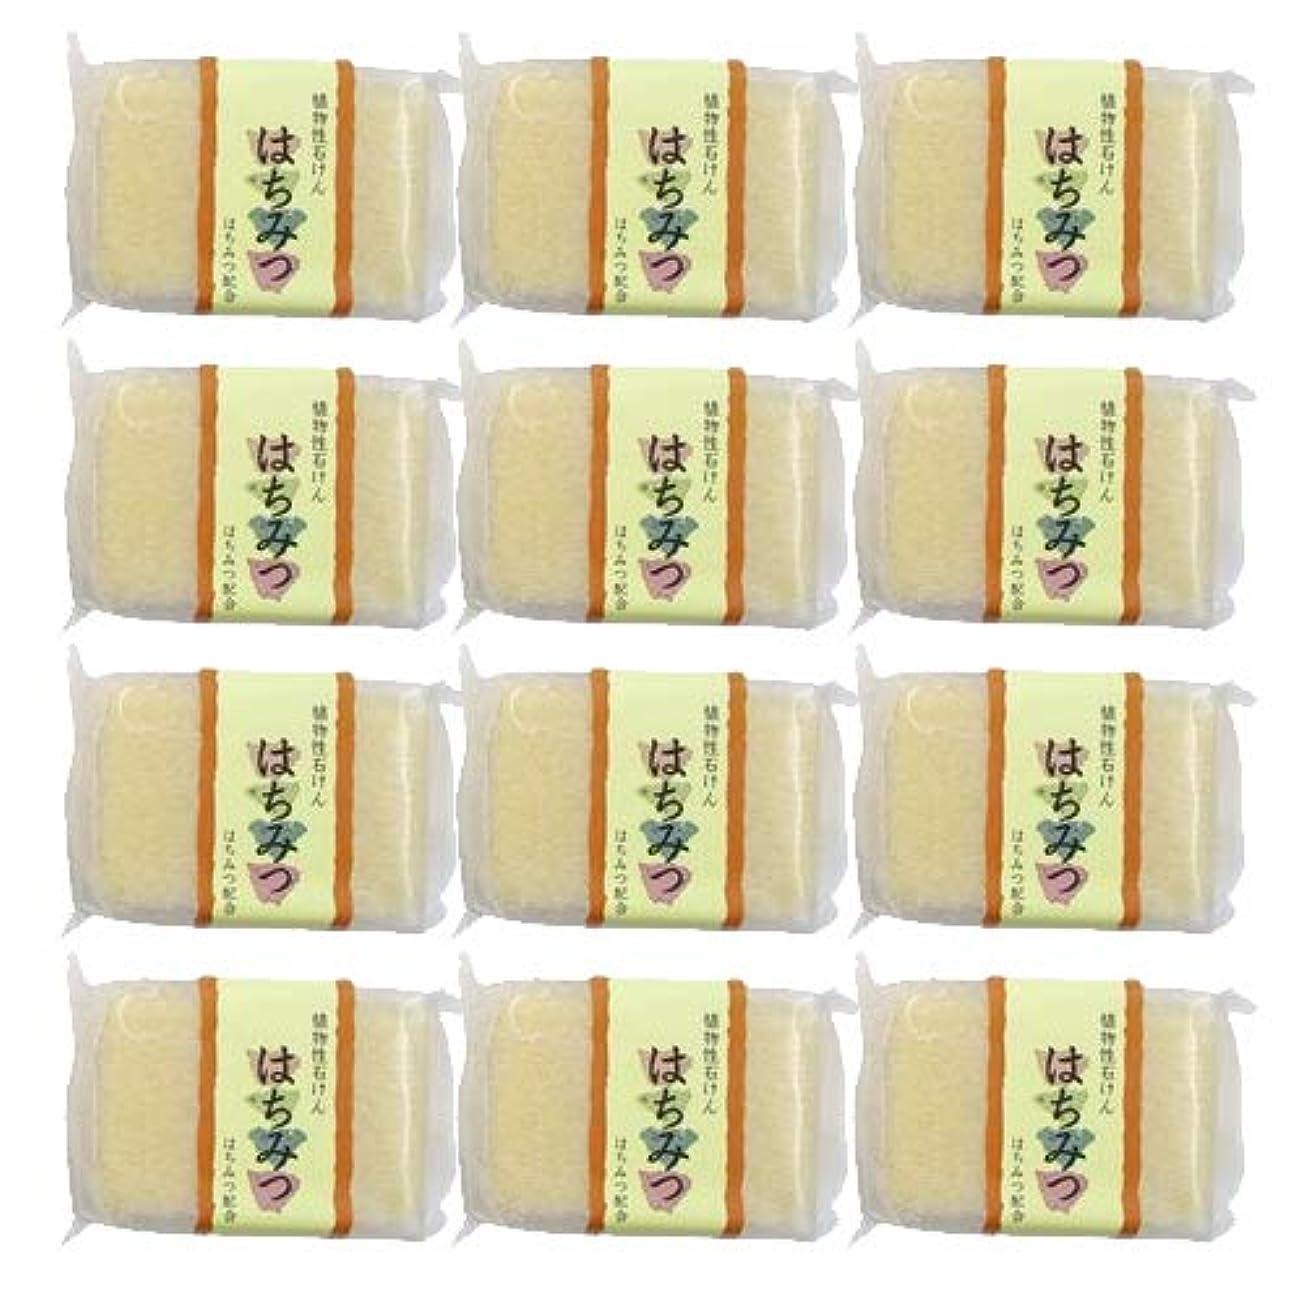 万一に備えてシーフード製作植物性ソープ 自然石けん はちみつ 80g ×12個